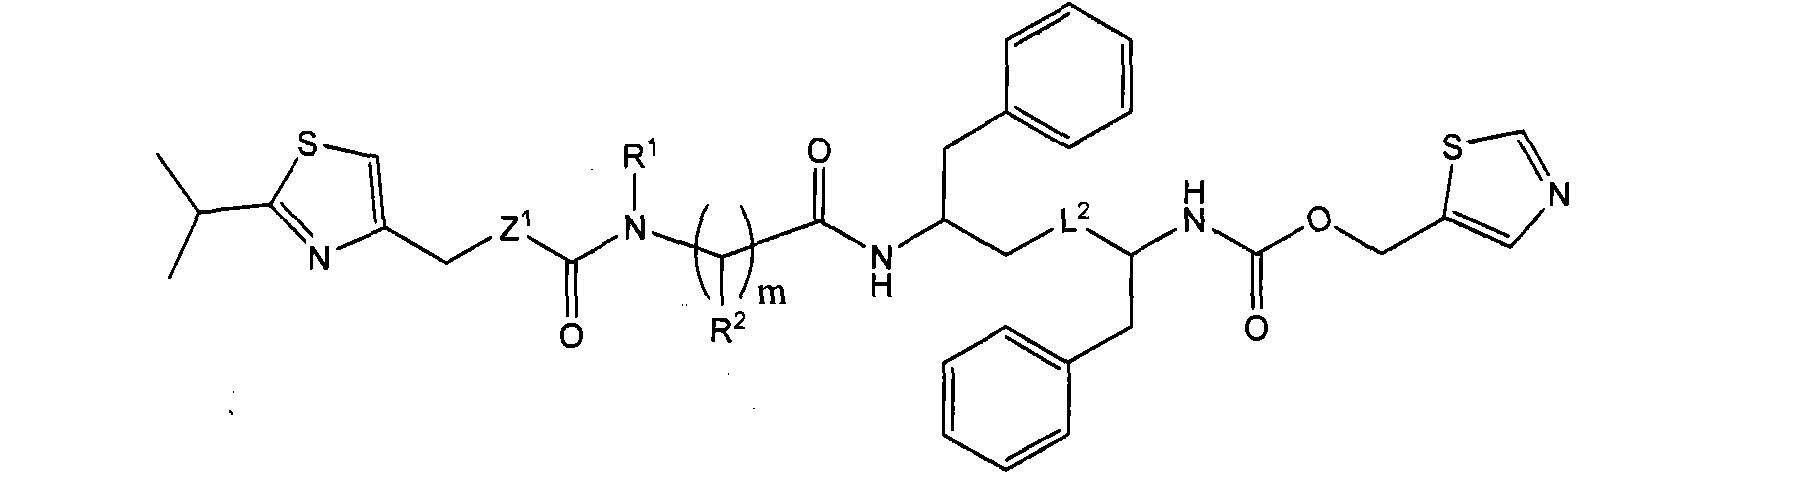 Figure CN101490023BD00273